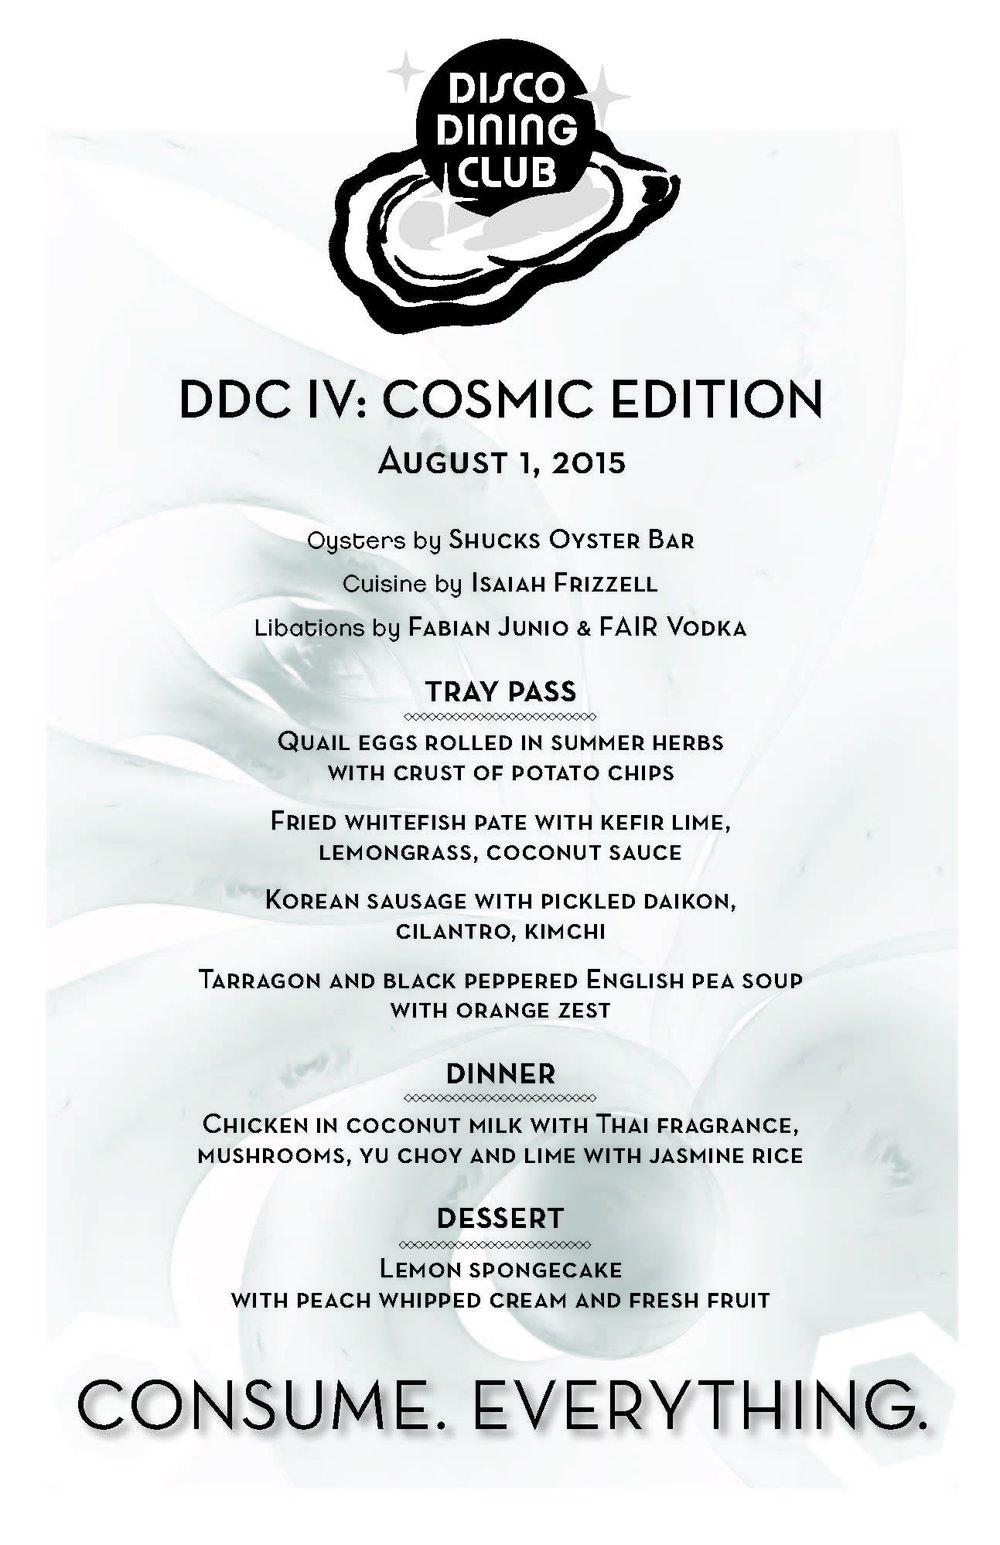 DDC Cosmic Menu.jpg